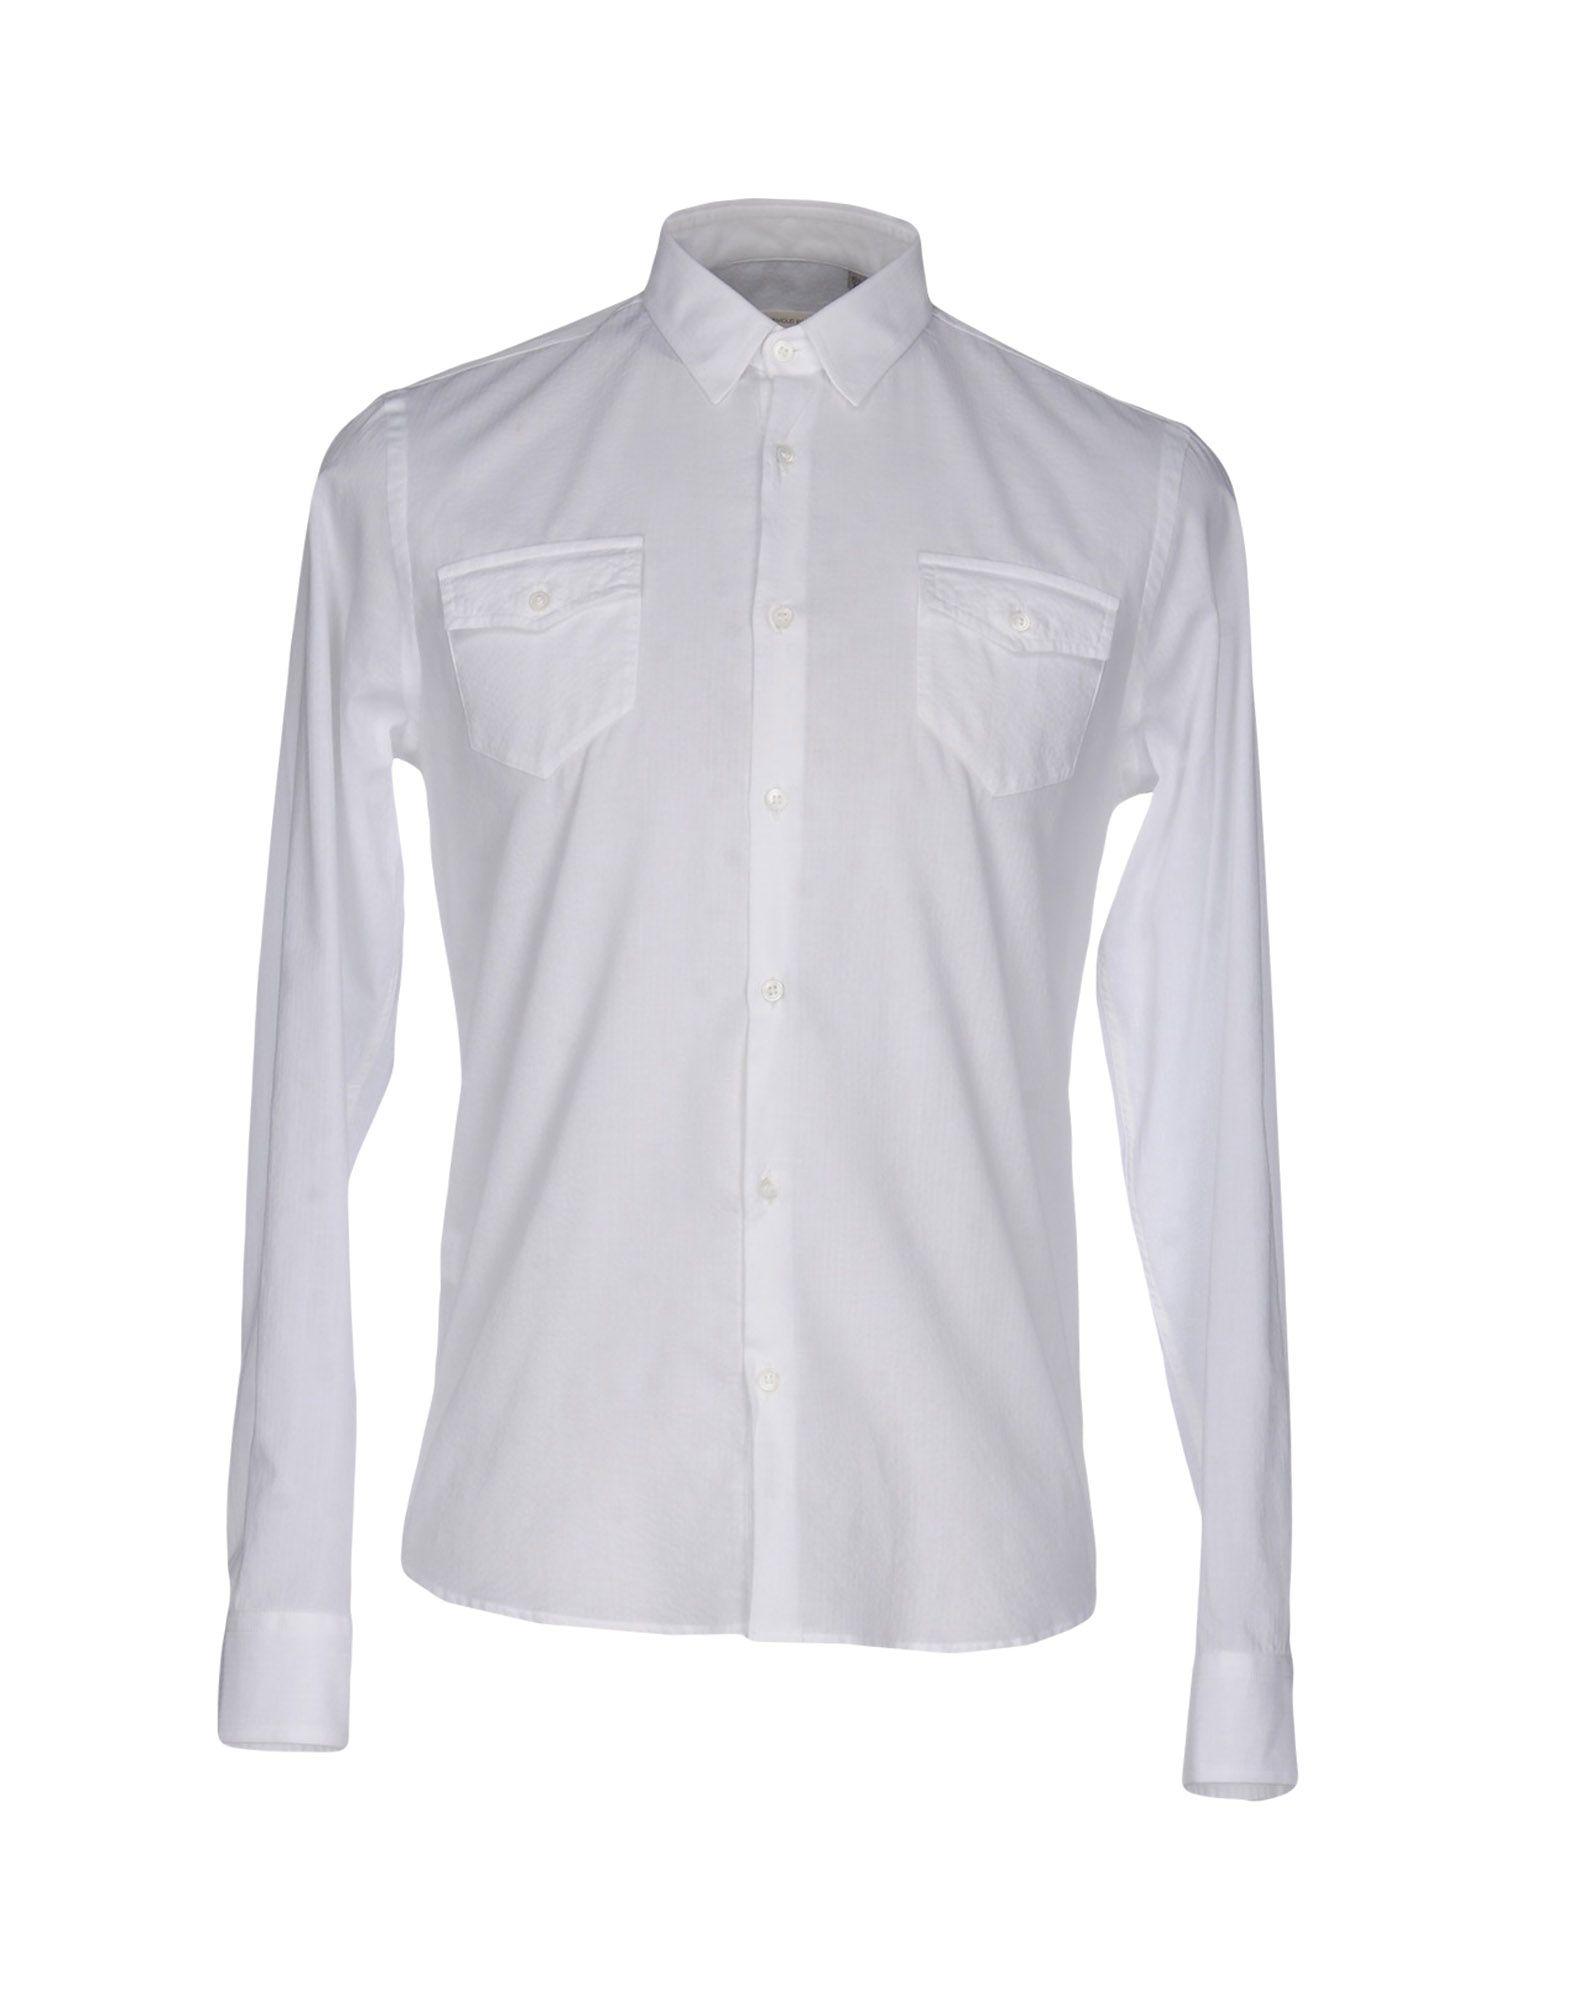 《送料無料》OBVIOUS BASIC メンズ シャツ ホワイト 39 コットン 100%